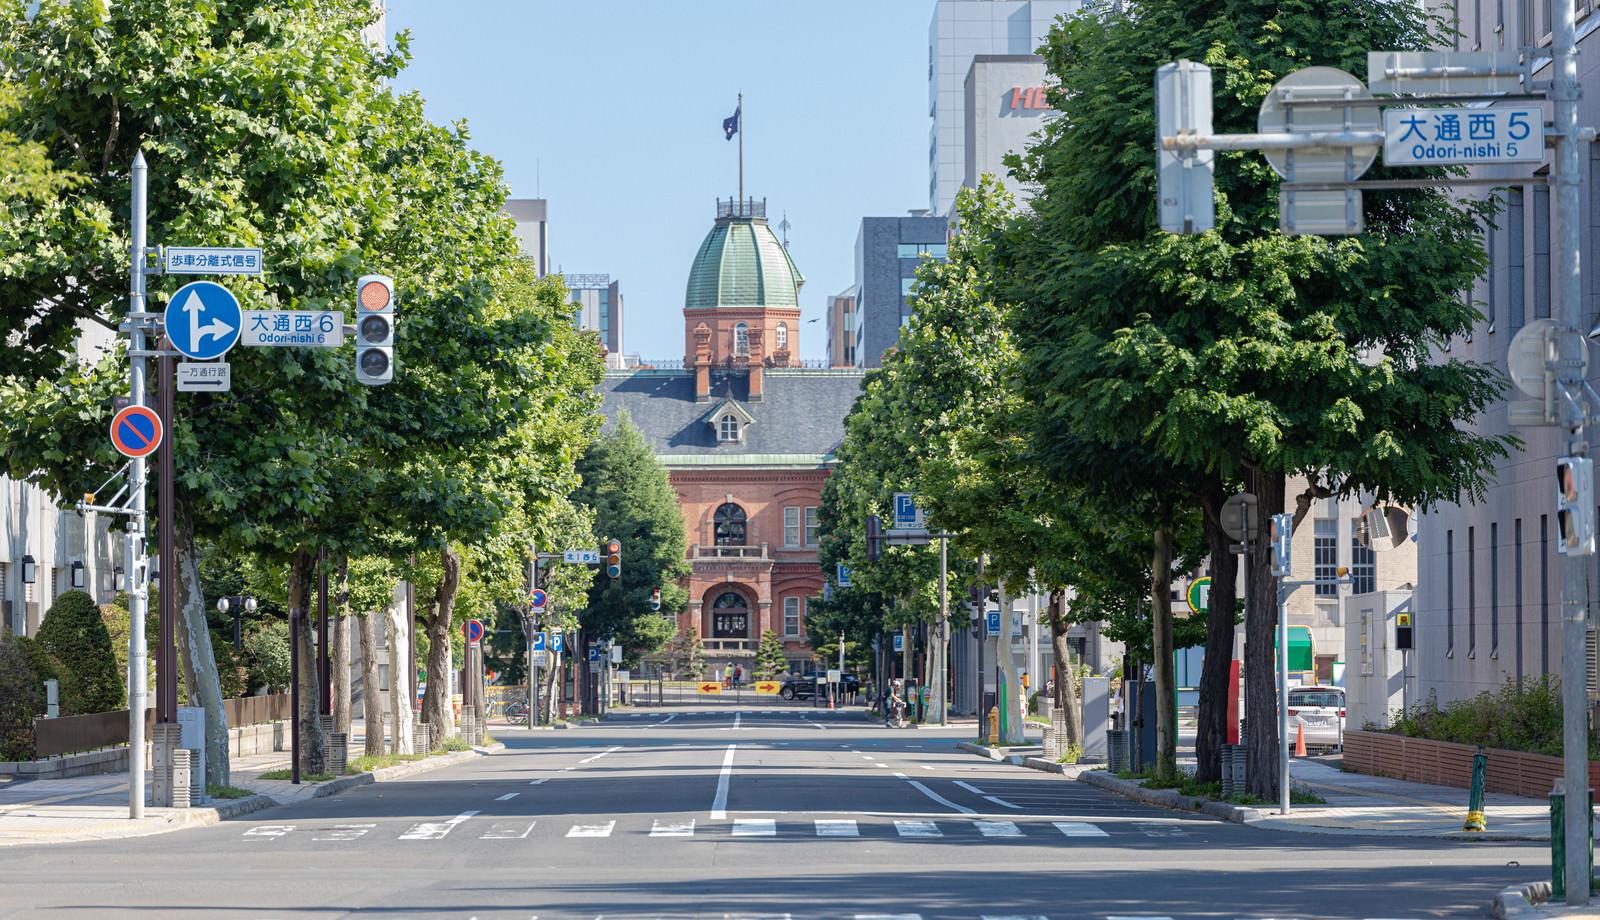 「通りの向こうに見える北海道庁旧本庁舎(赤レンガ庁舎)」の写真